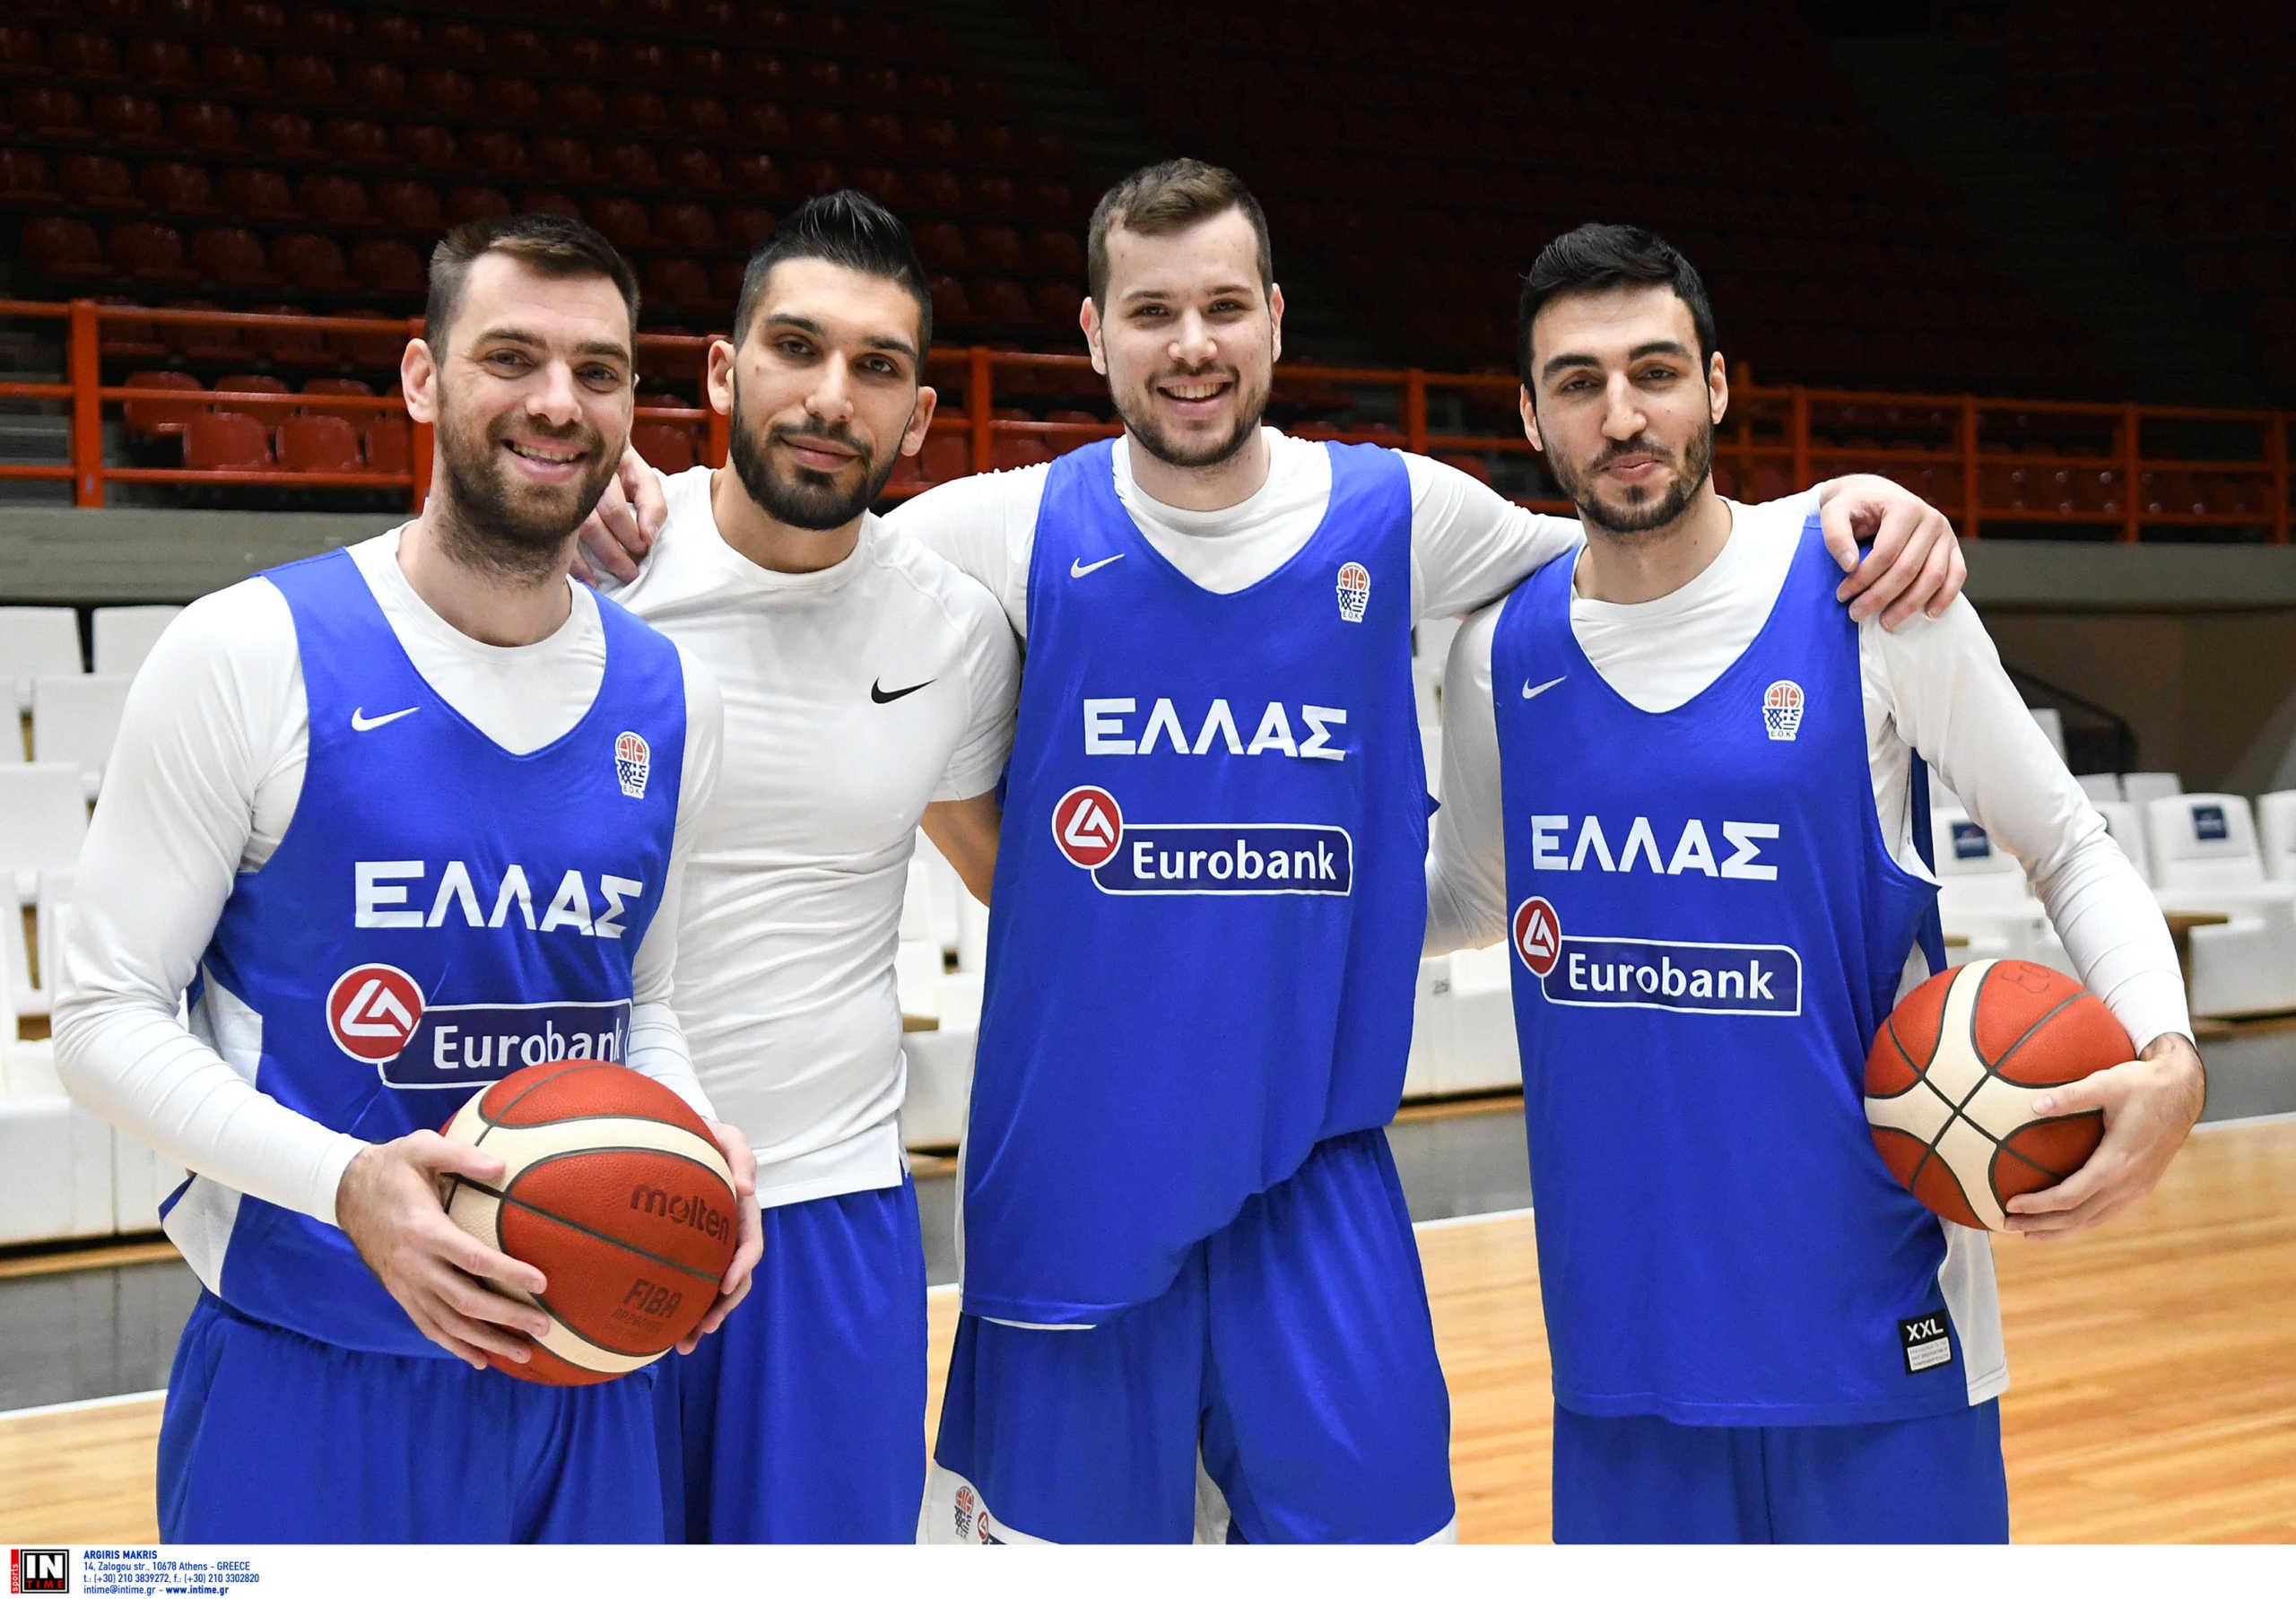 """Εθνική μπάσκετ: """"Τσίκνισαν"""" πριν το ματς με τη Βουλγαρία οι διεθνείς! (pics)"""